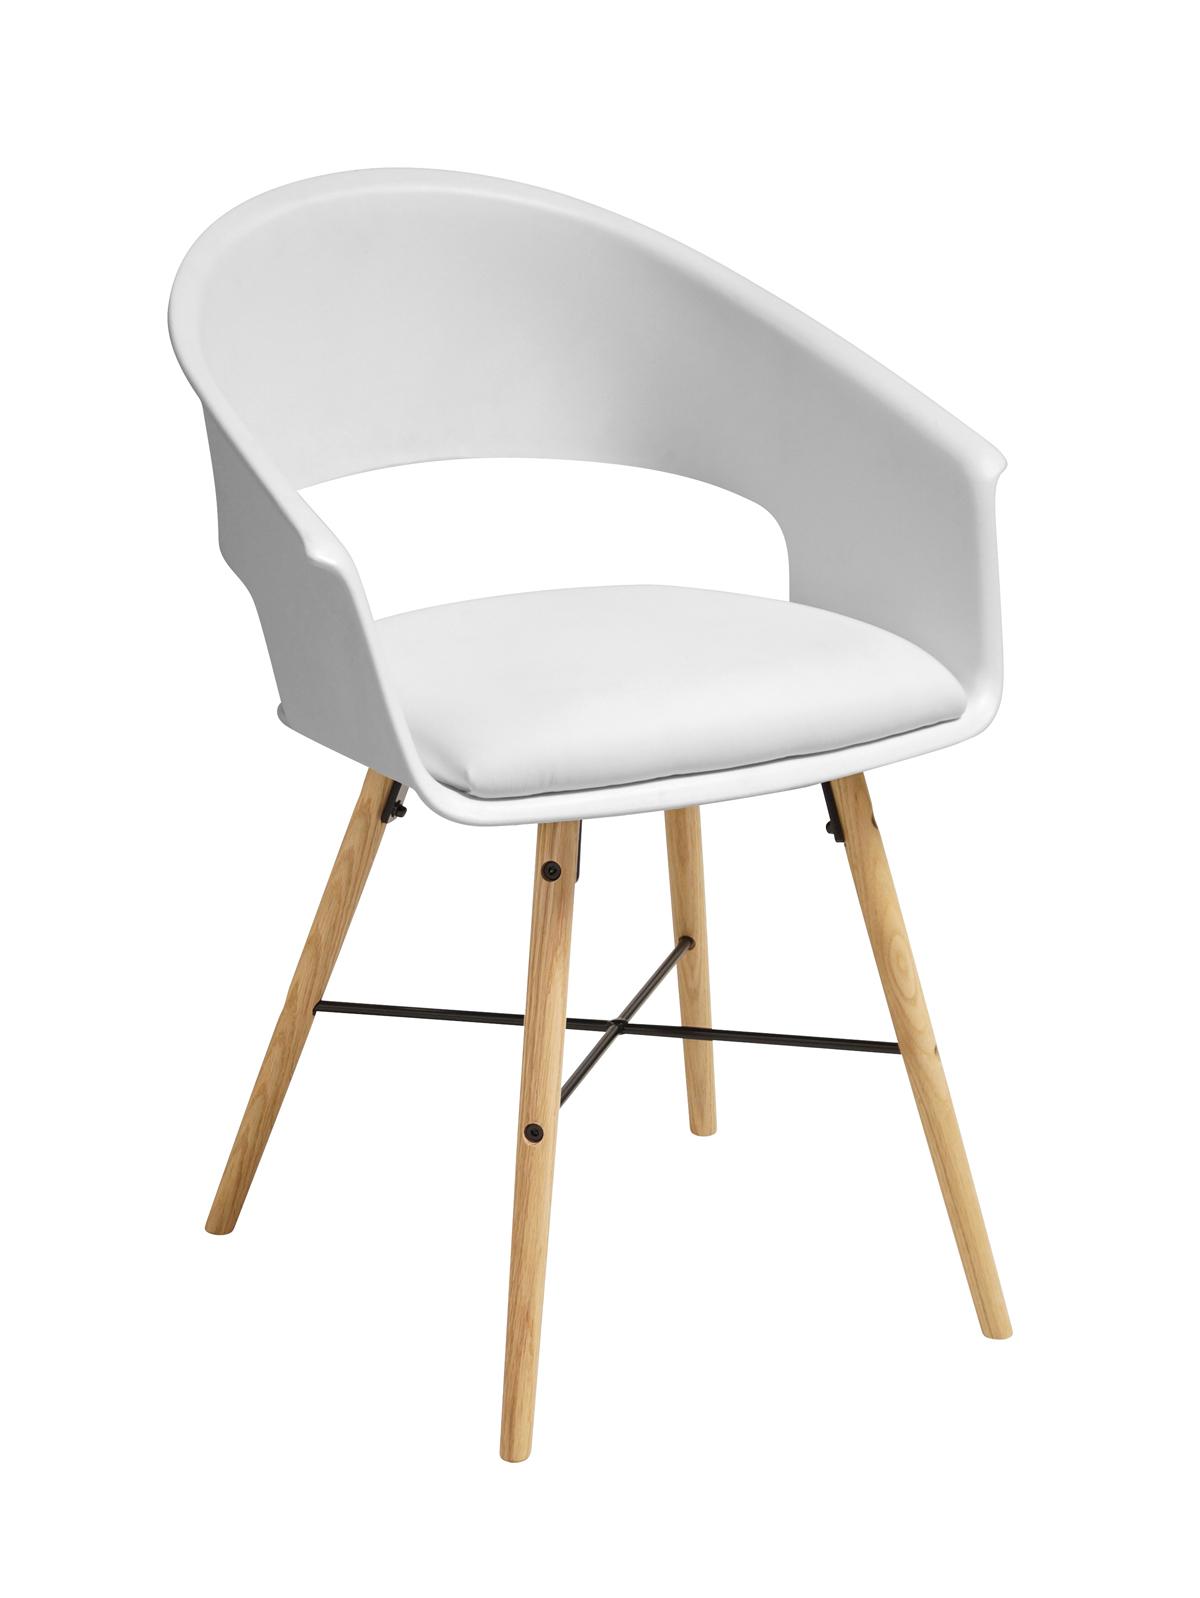 Ivar 10 Spisebordsstol m. hvidt sæde - Natur